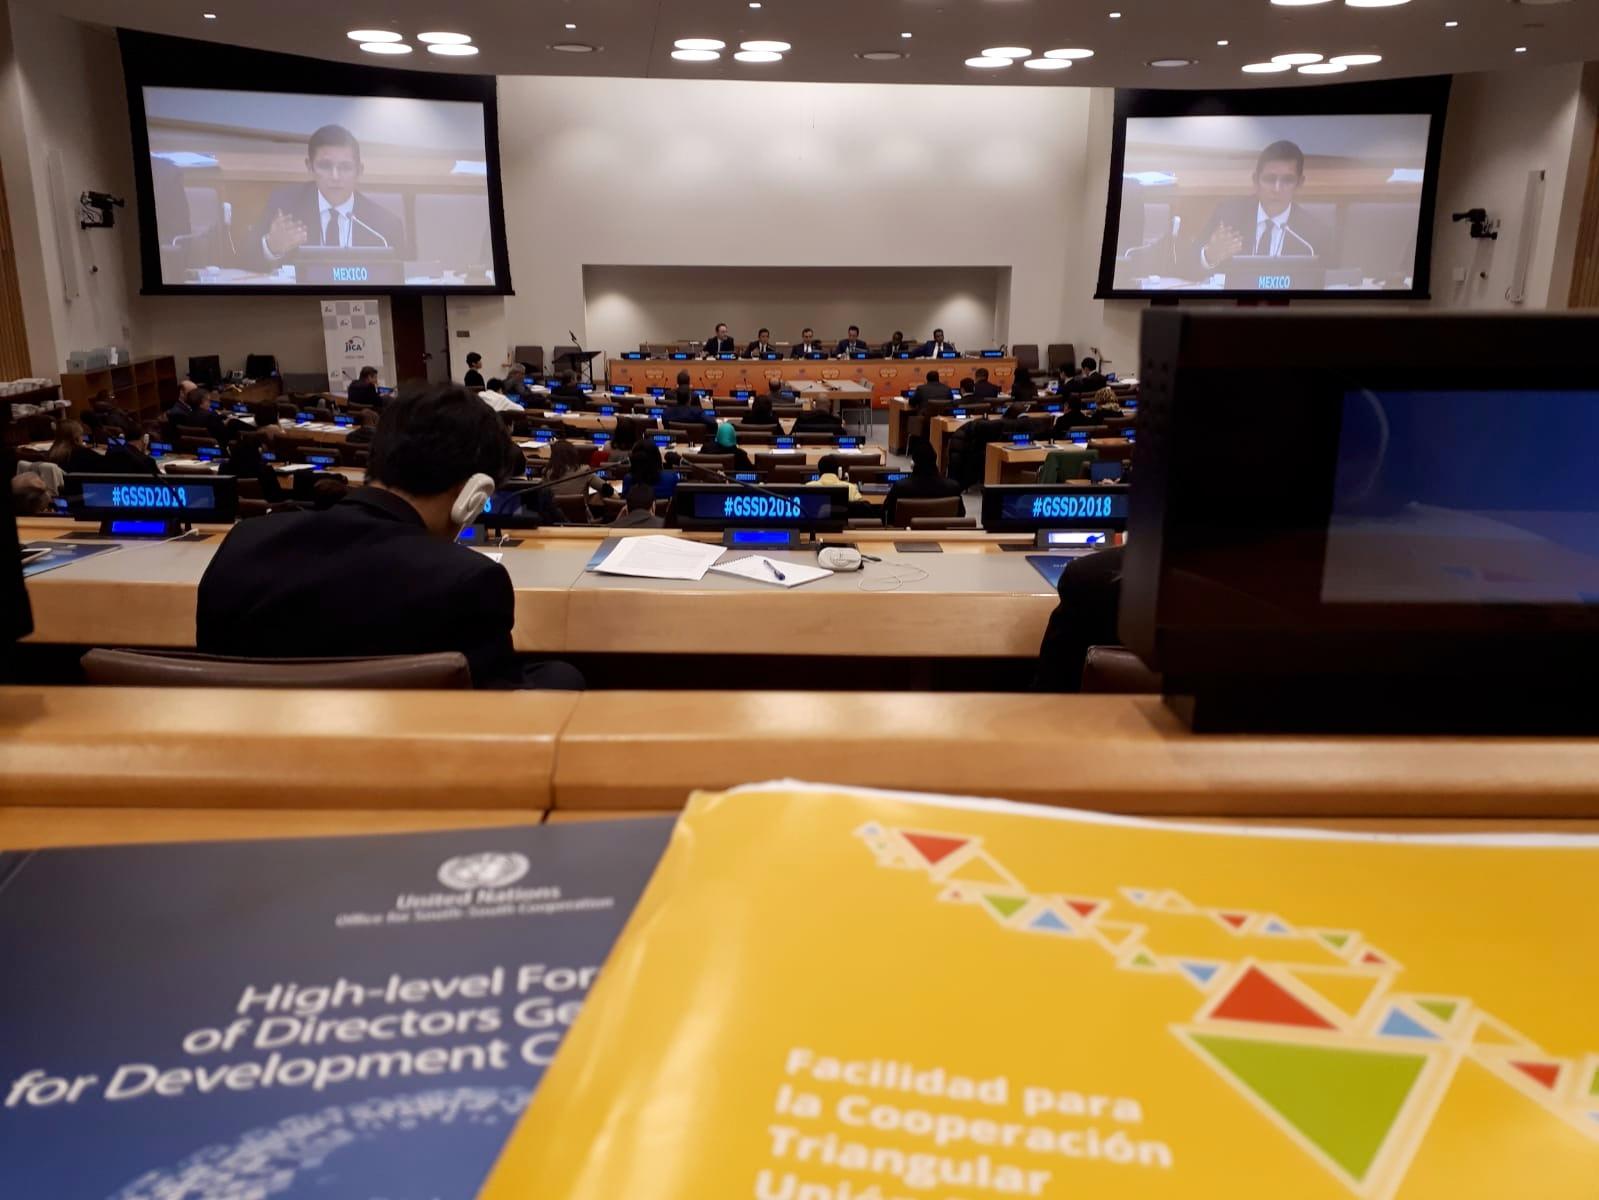 High-level Forum of Directors General for Development Cooperation: 90 directores y responsables de Cooperación para el Desarrollo de todo el mundo comparten experiencias y definen posiciones de cara a PABA+40.